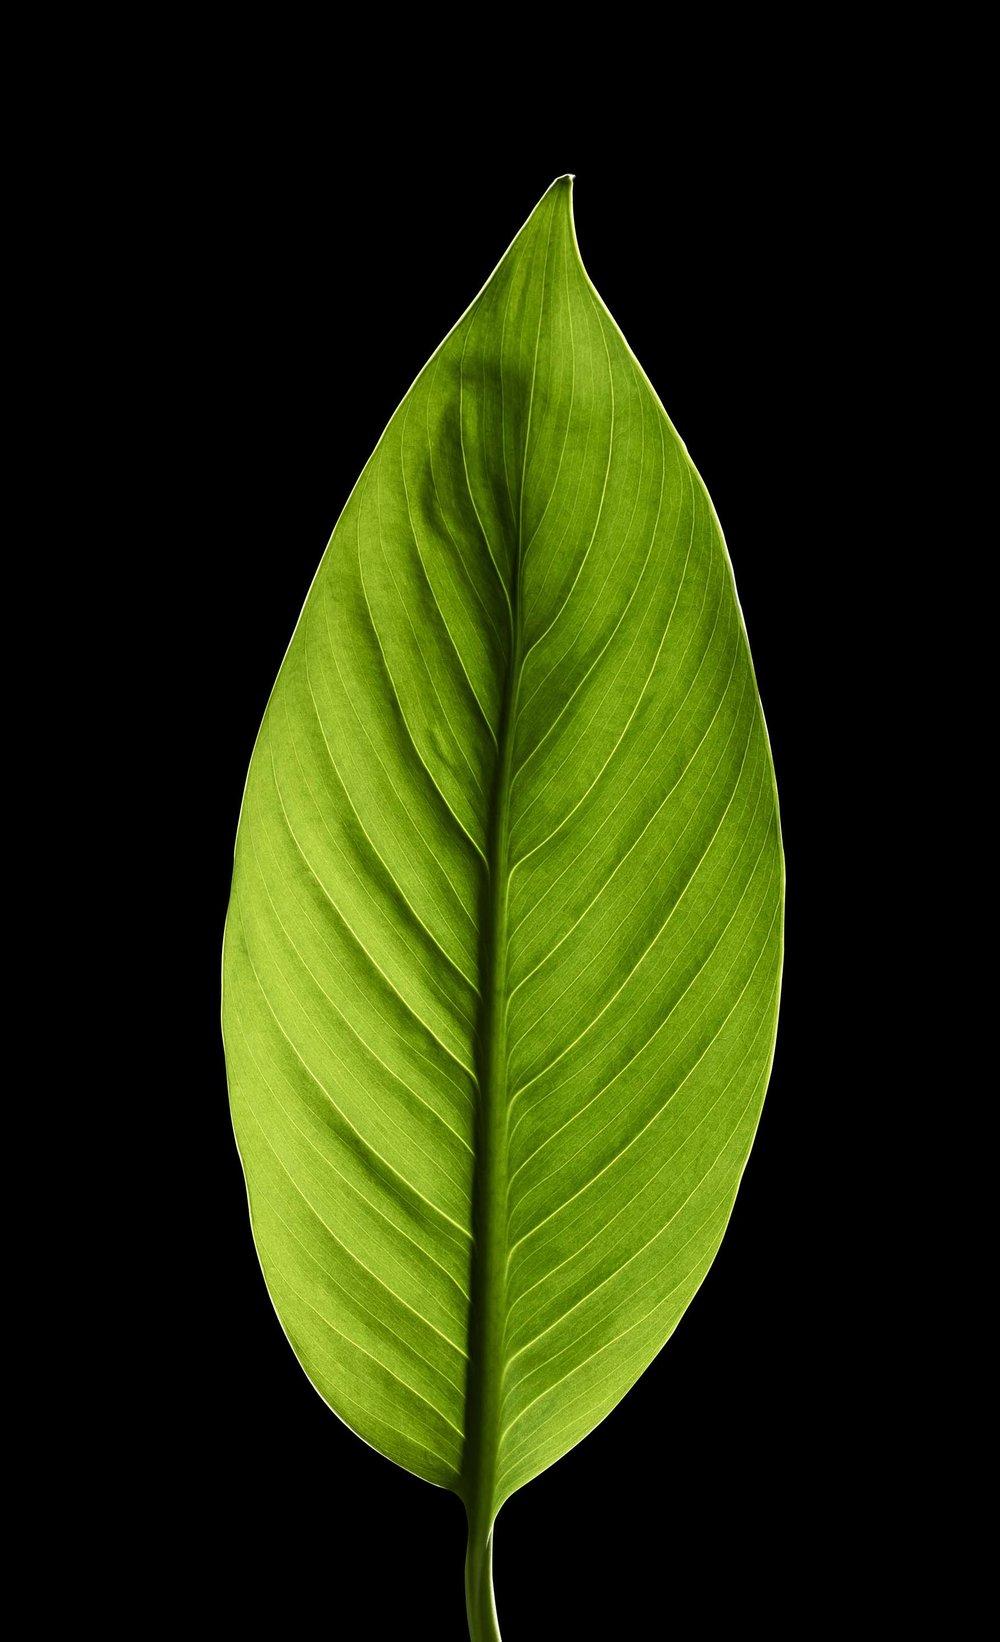 Filler_Leaf_Shot_89_Pathed_2791.jpg